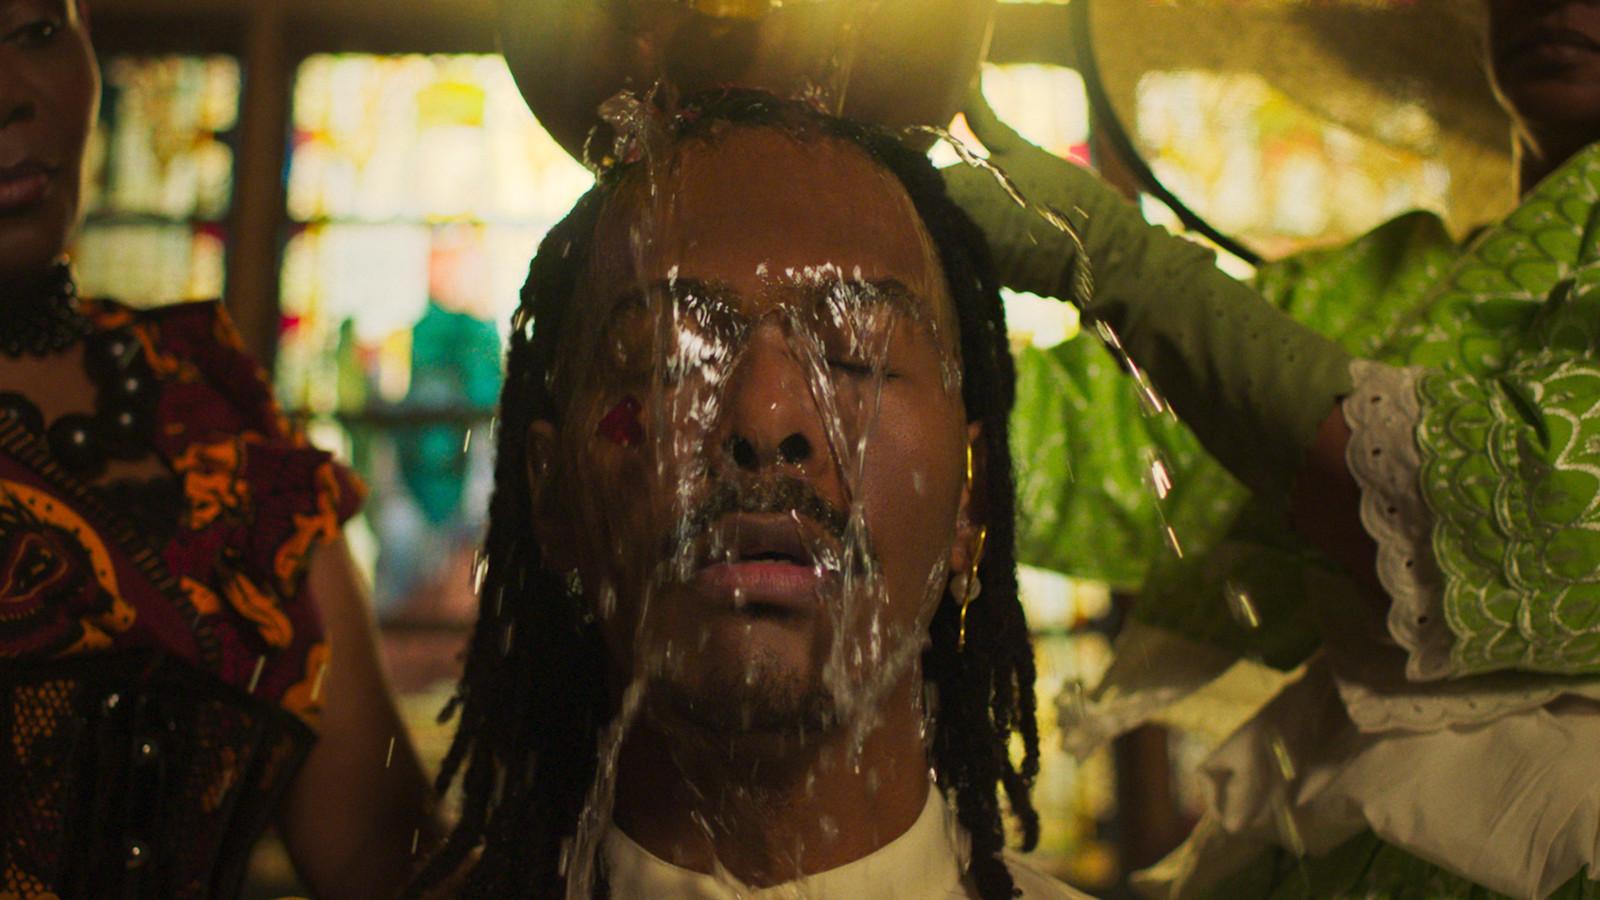 Een andere veelbetekenende still uit de clip van 'Birth Of A New Age' : zanger Jeangu Macrooy ondergaat een 'wasi', een winti-ritueel dat voor spirituele reiniging staat. Koloniale machthebbers verboden winti in de overzeese gebiedsdelen in de negentiende eeuw.